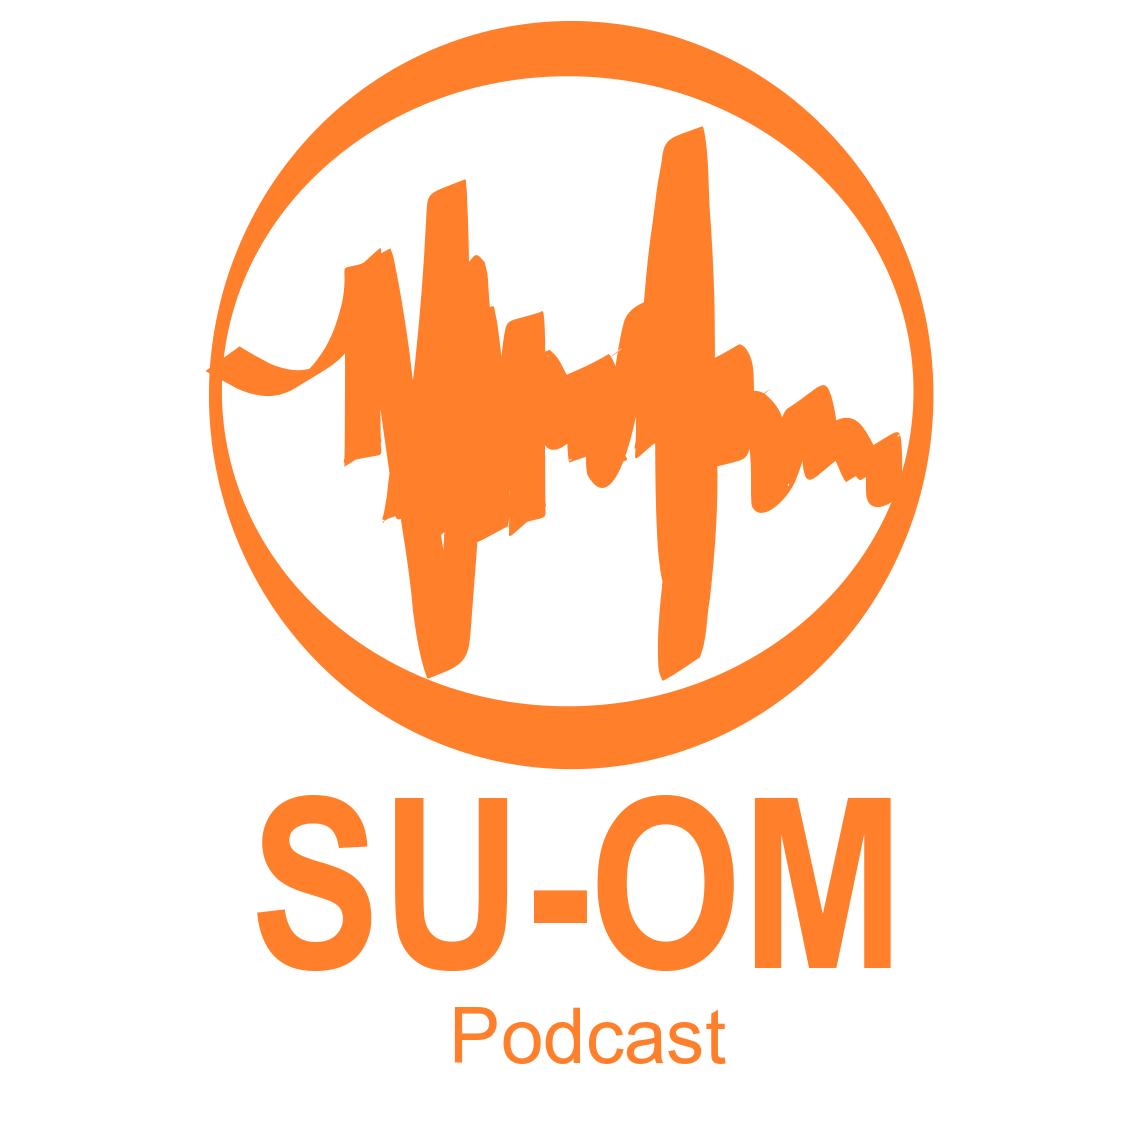 Podcast Su-OM